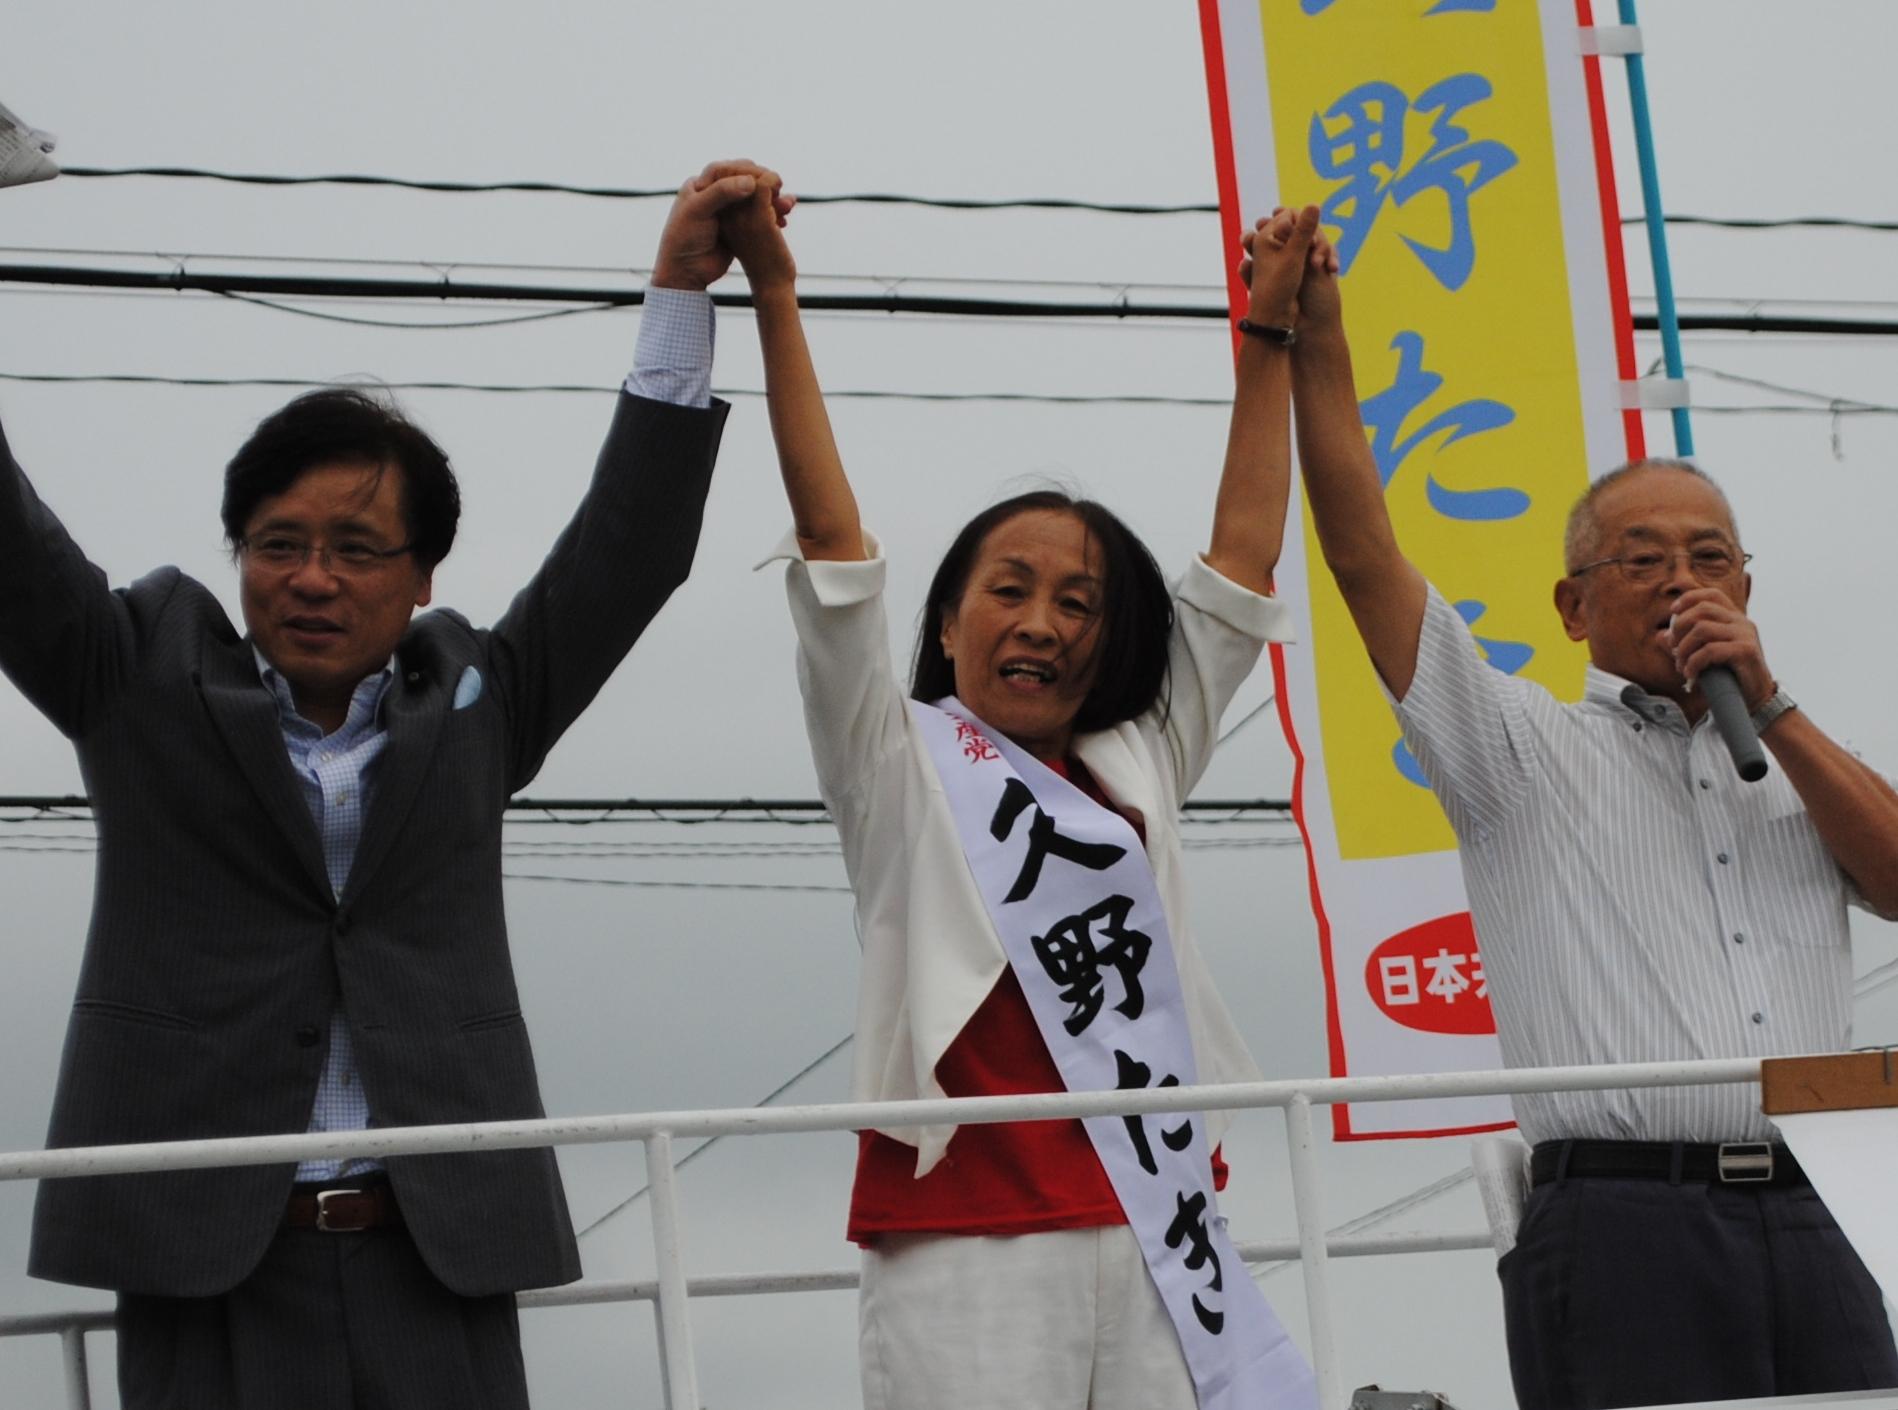 http://www.inoue-satoshi.com/diary/%E7%9F%A5%E5%A4%9A%E5%B8%82.JPG